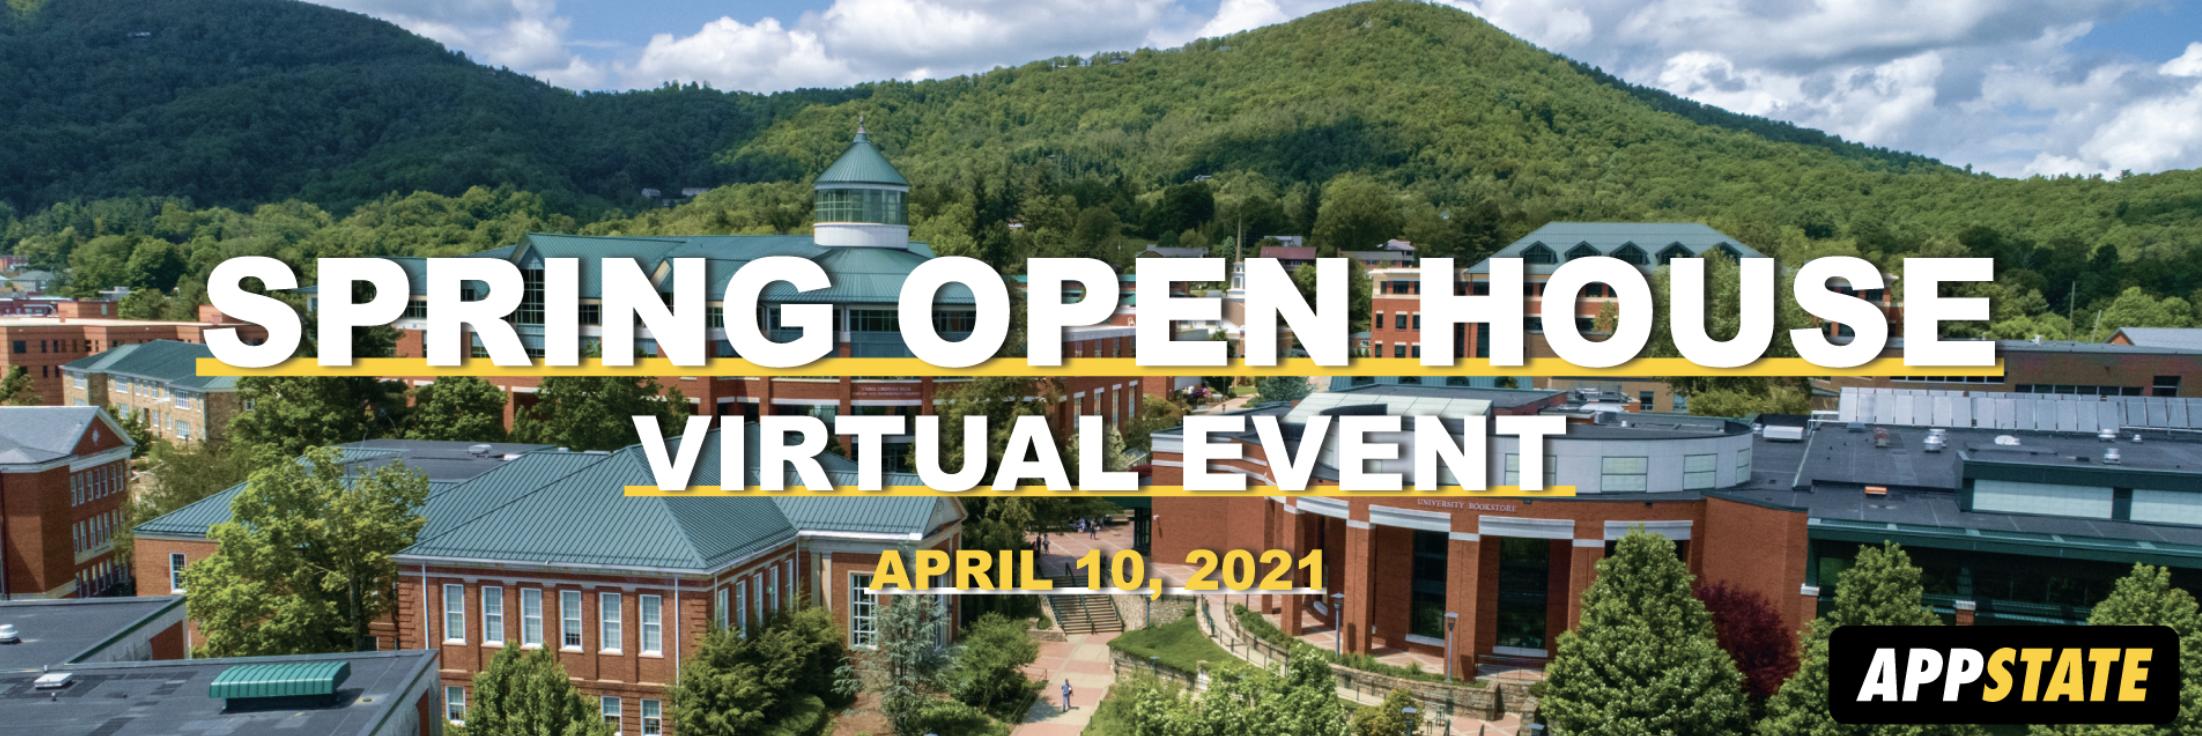 Virtual Spring Open House